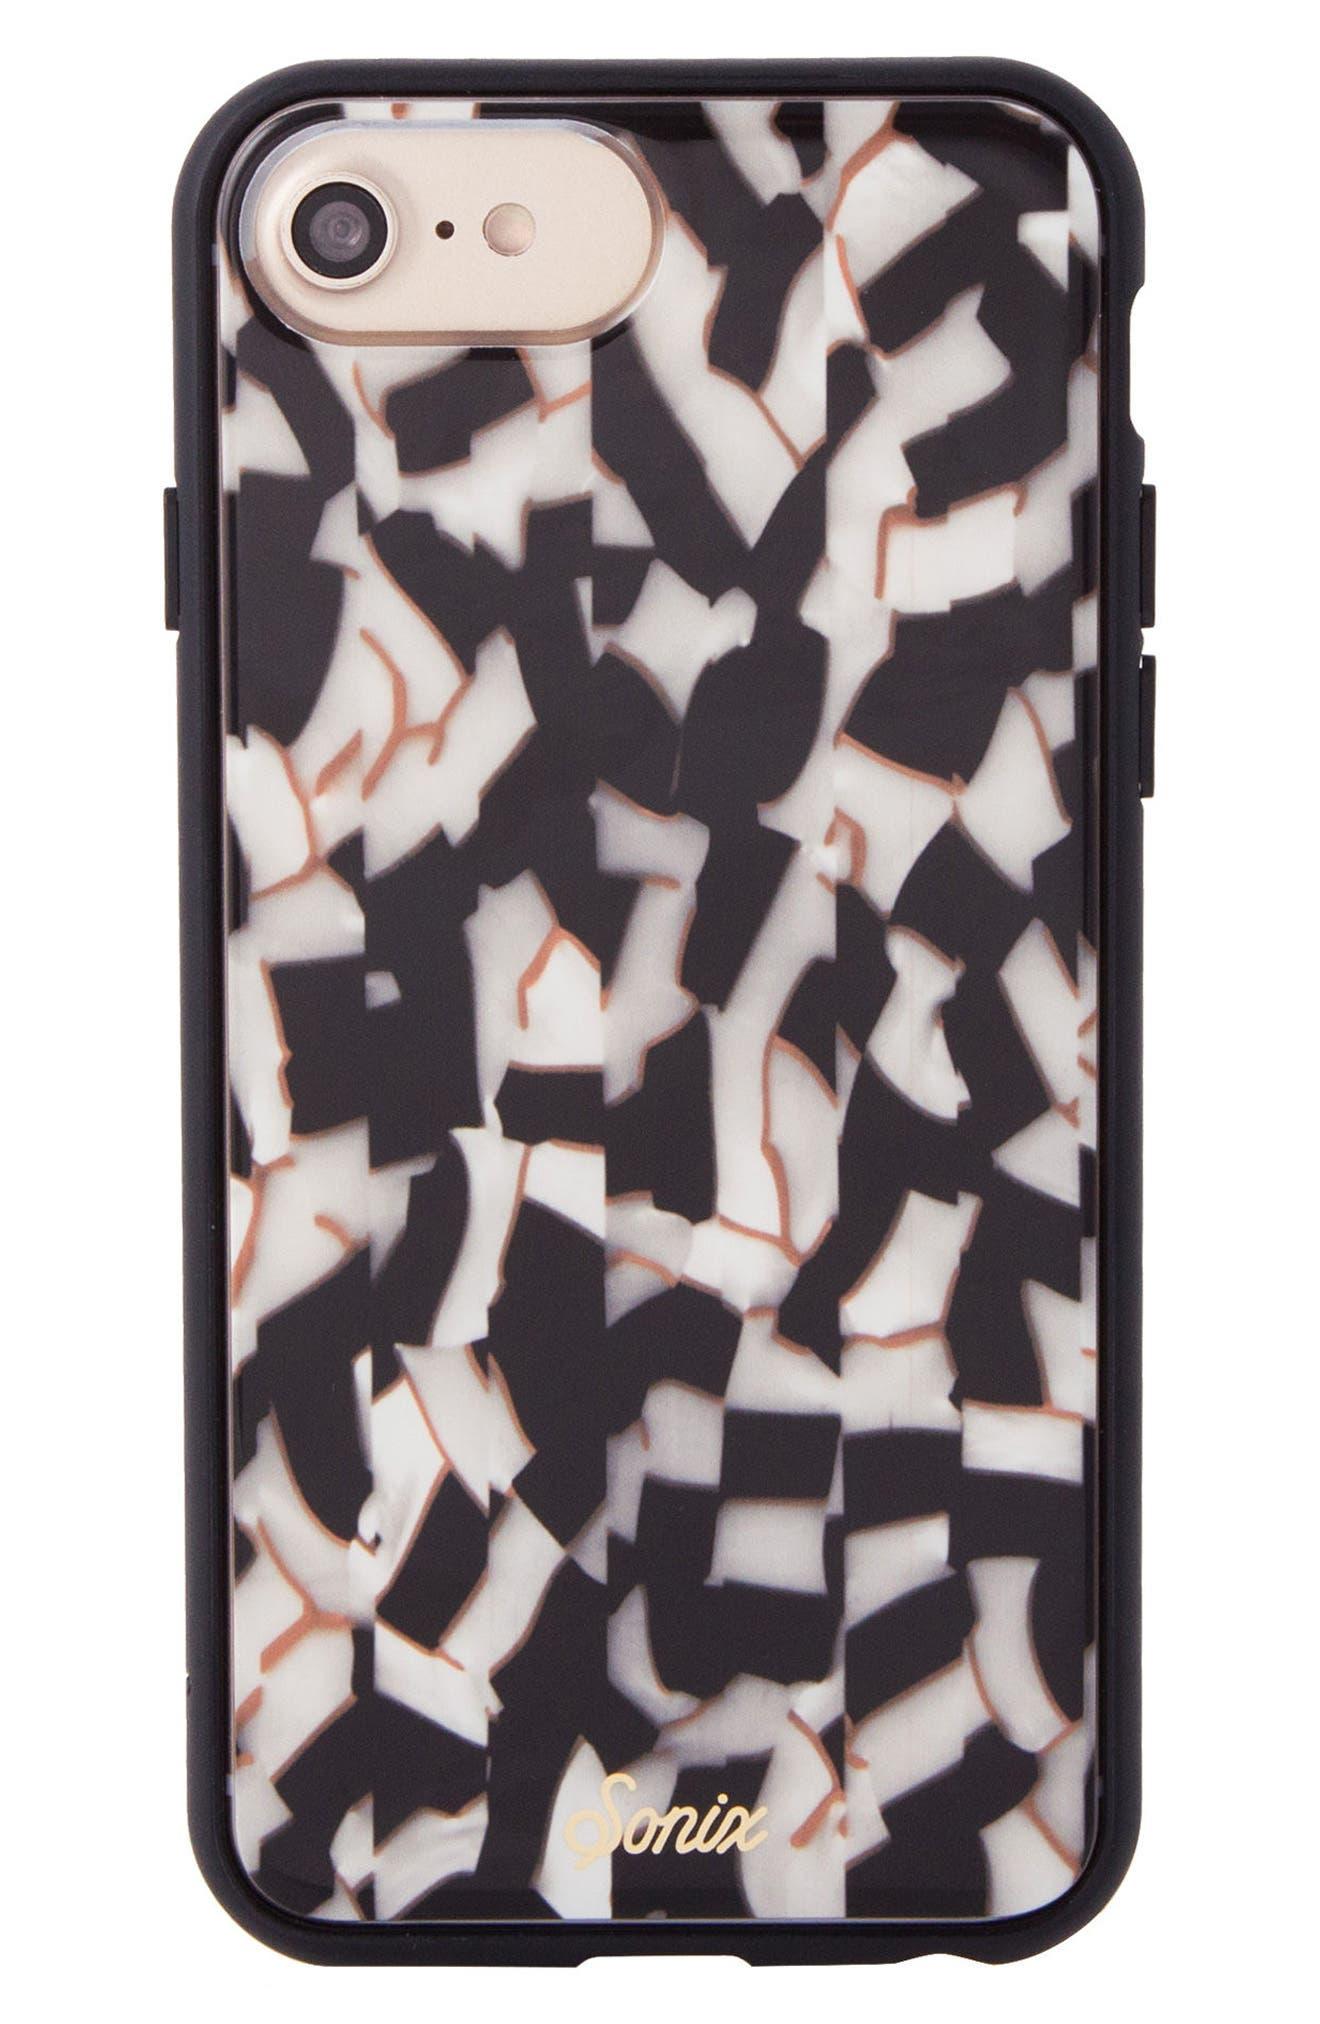 Main Image - Sonix Pearlescent Black iPhone 6/6s/7/8 & 6/6s/7/8 Plus Case